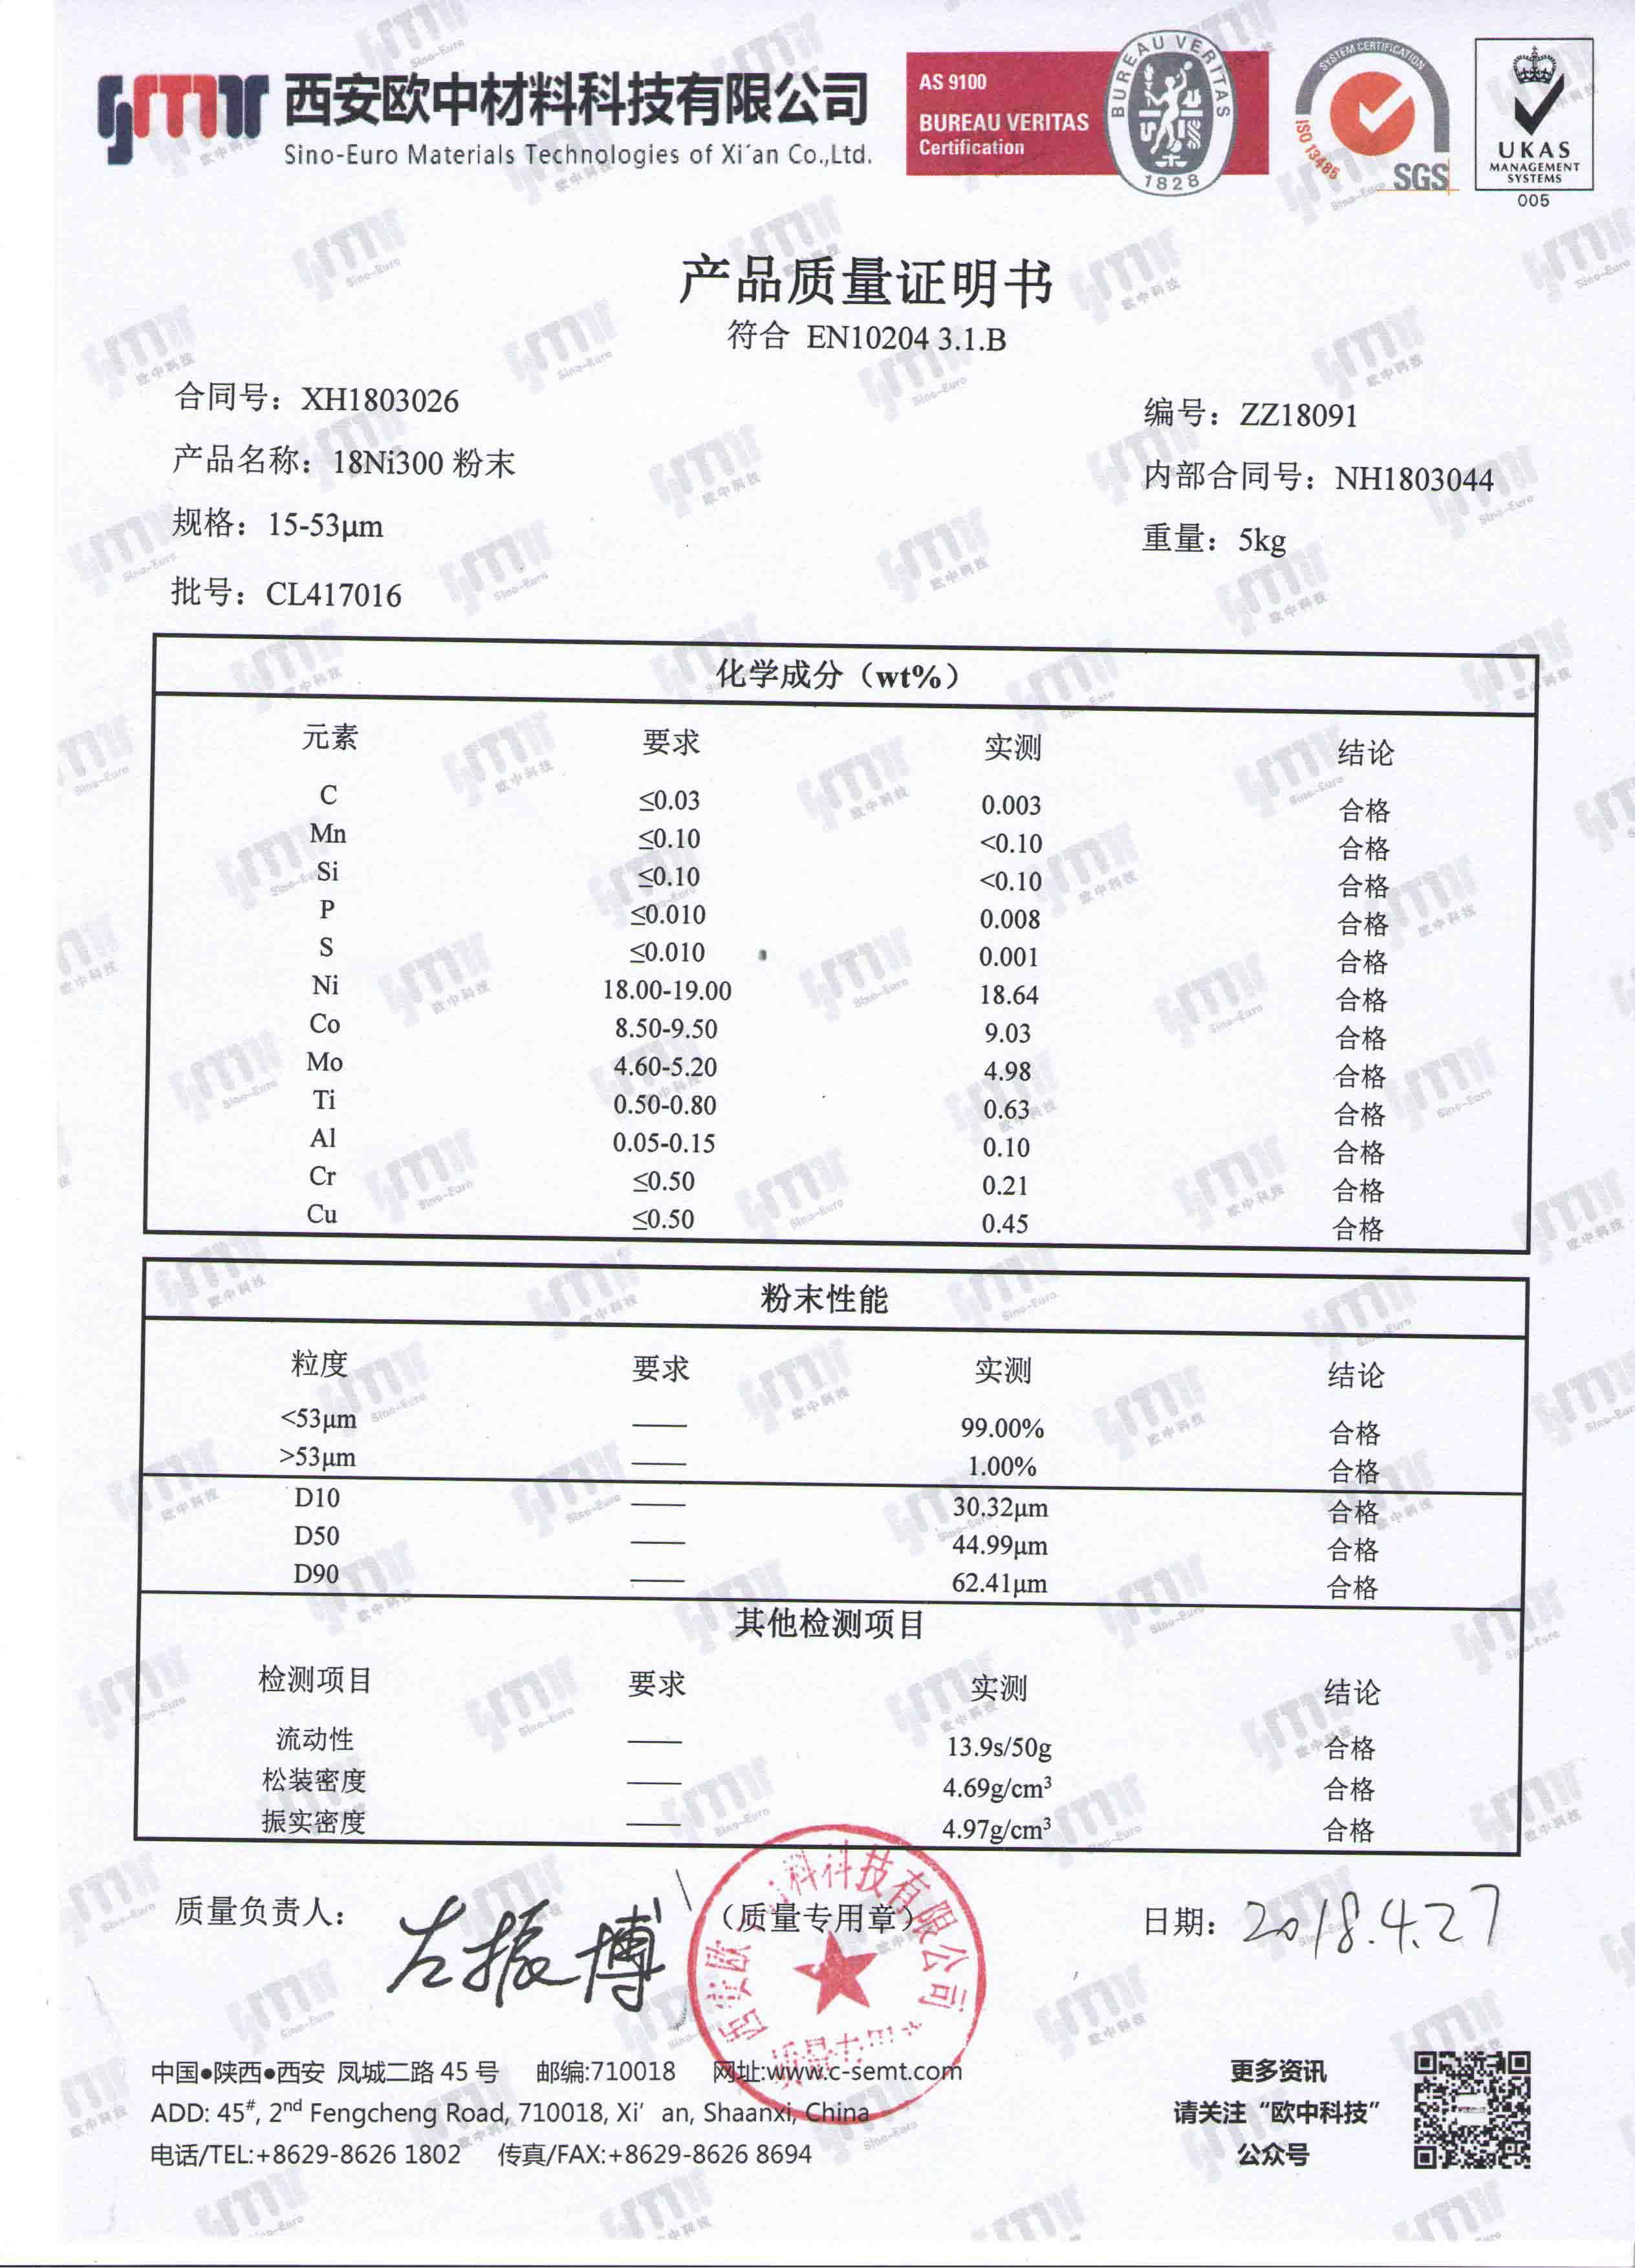 SS-PREP® 18Ni300 Prealloy Spherical Powder